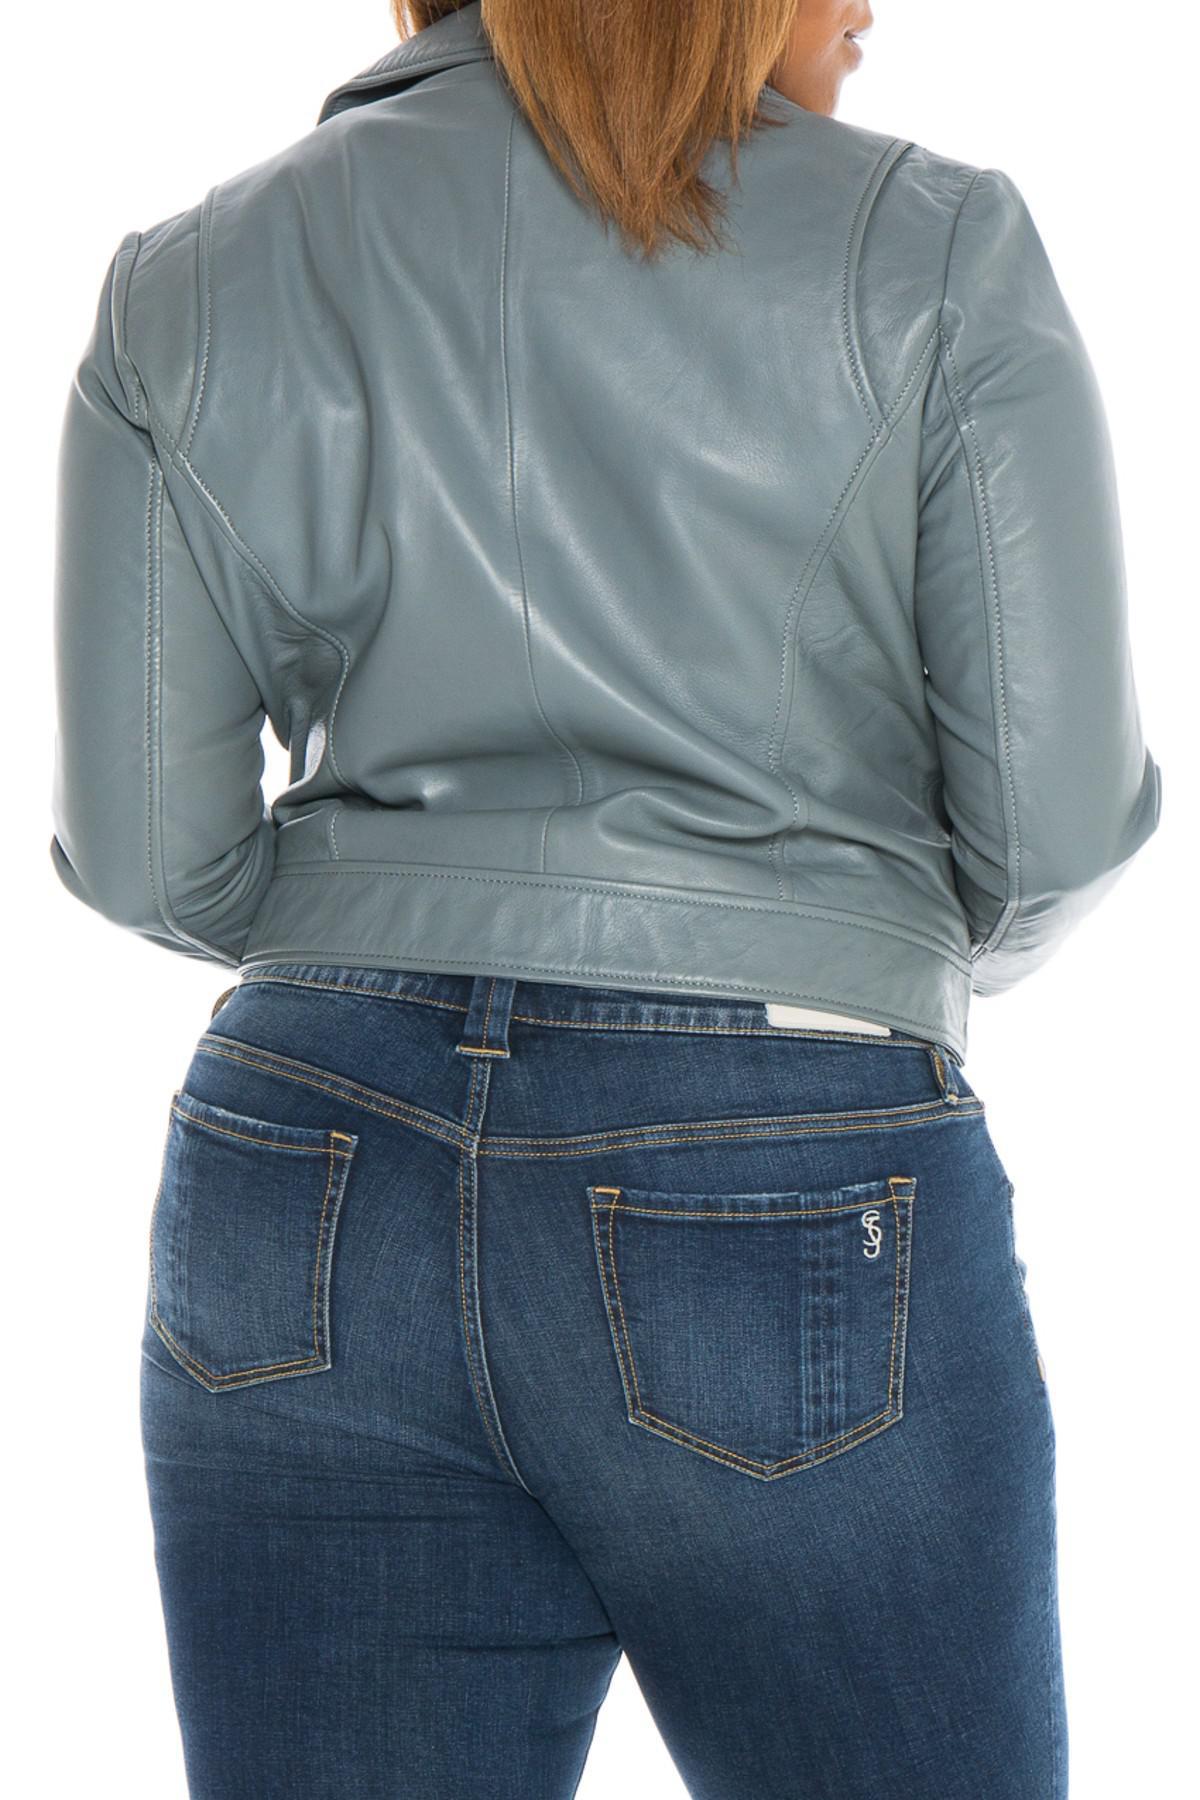 51233870554bd Lyst - Slink Jeans Lambskin Leather Moto Jacket (plus Size) in Gray